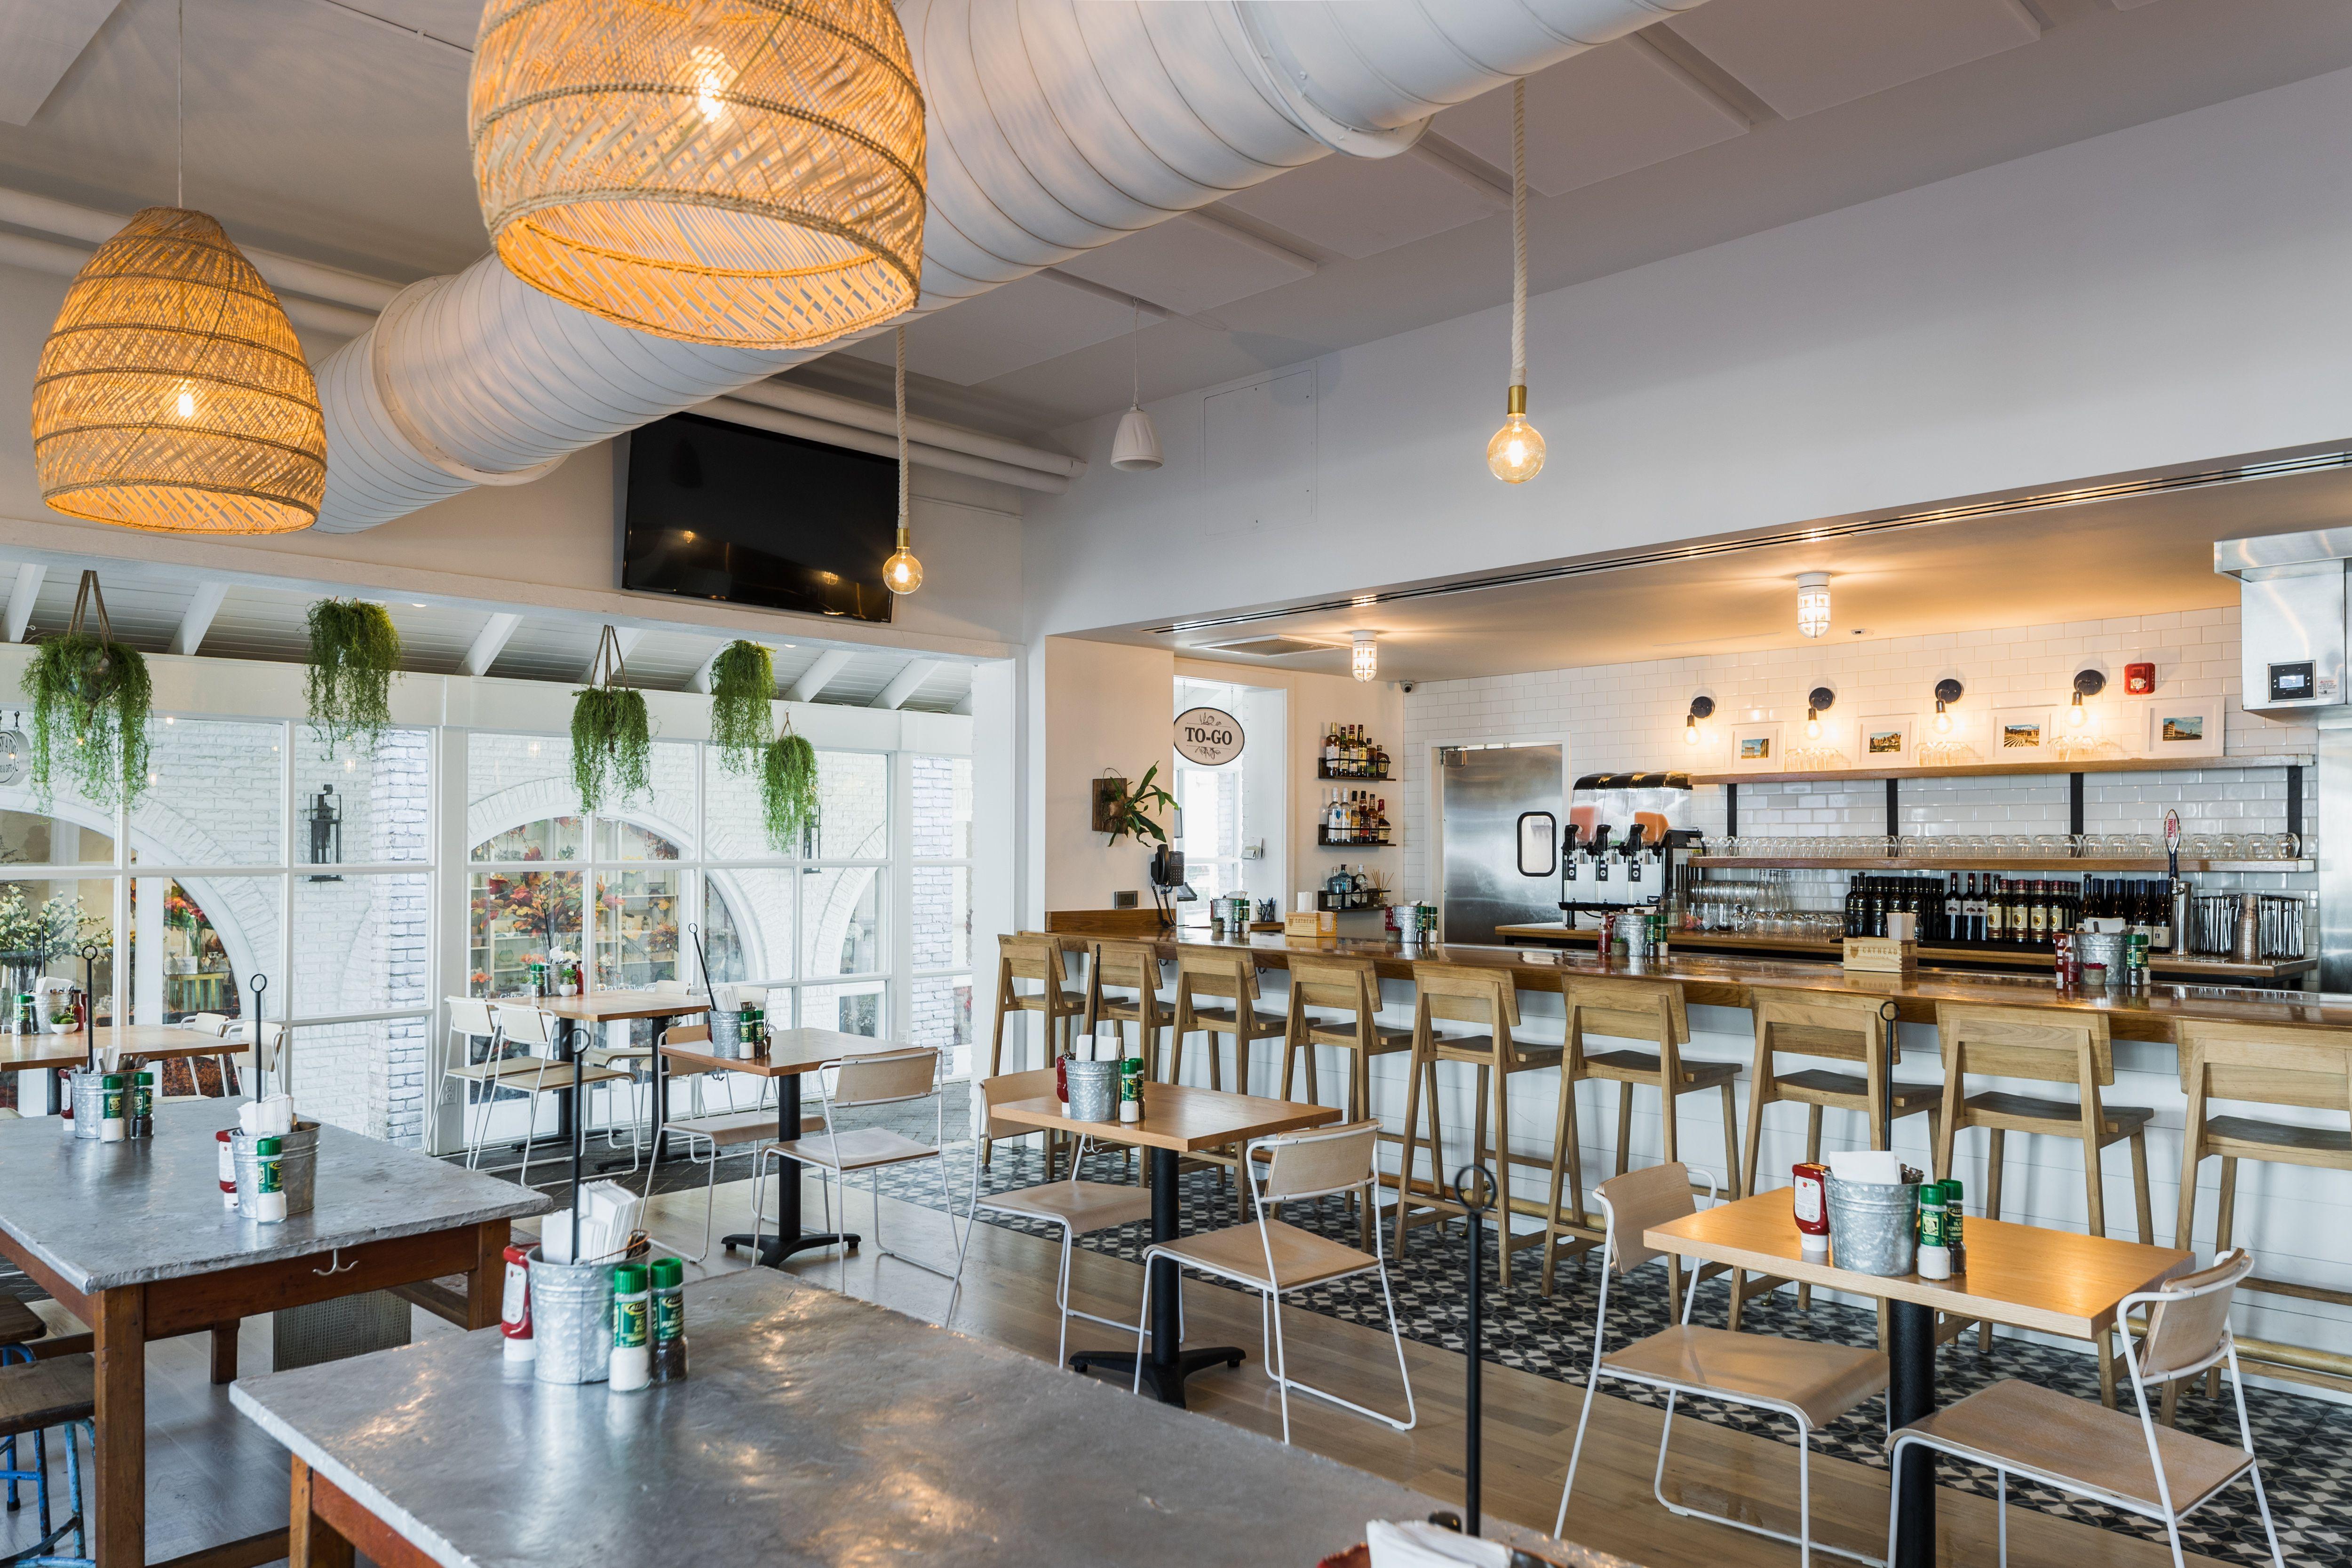 Mediterranean Restaurant Restaurant Interior Design Restaurant Interior Bar Lounge Decor